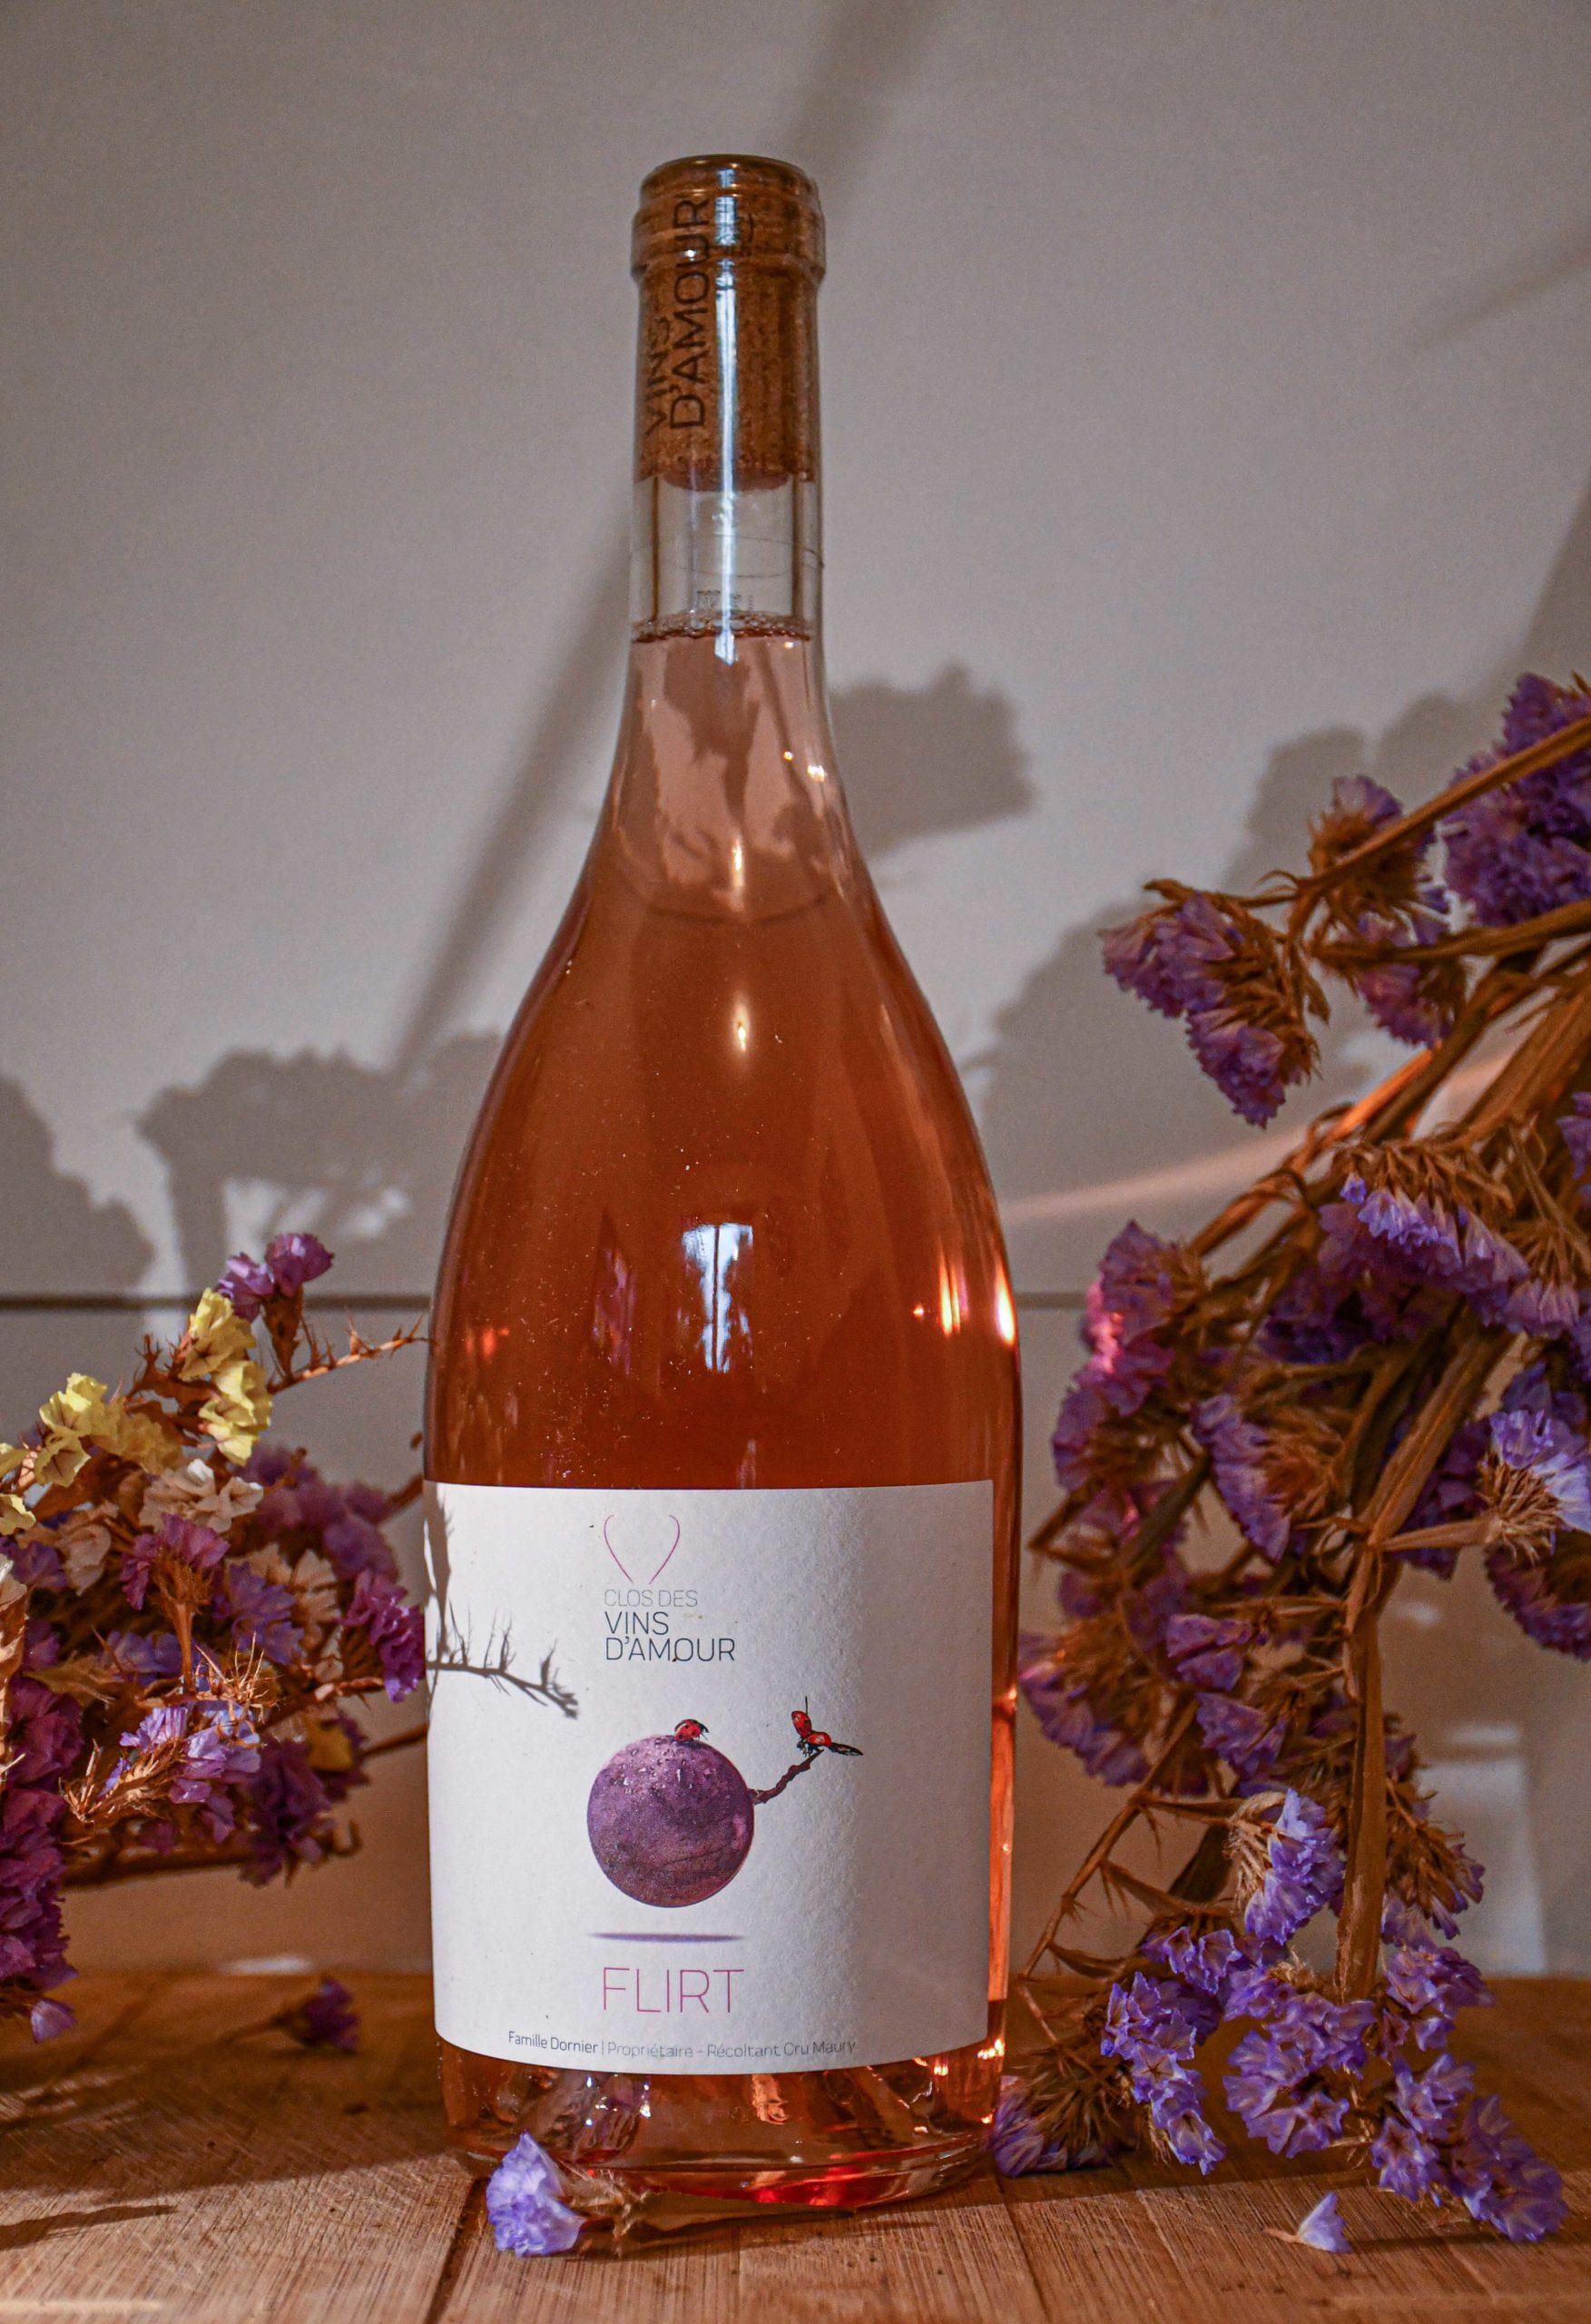 Clos Des Vins D'amour - Flirt Rosé